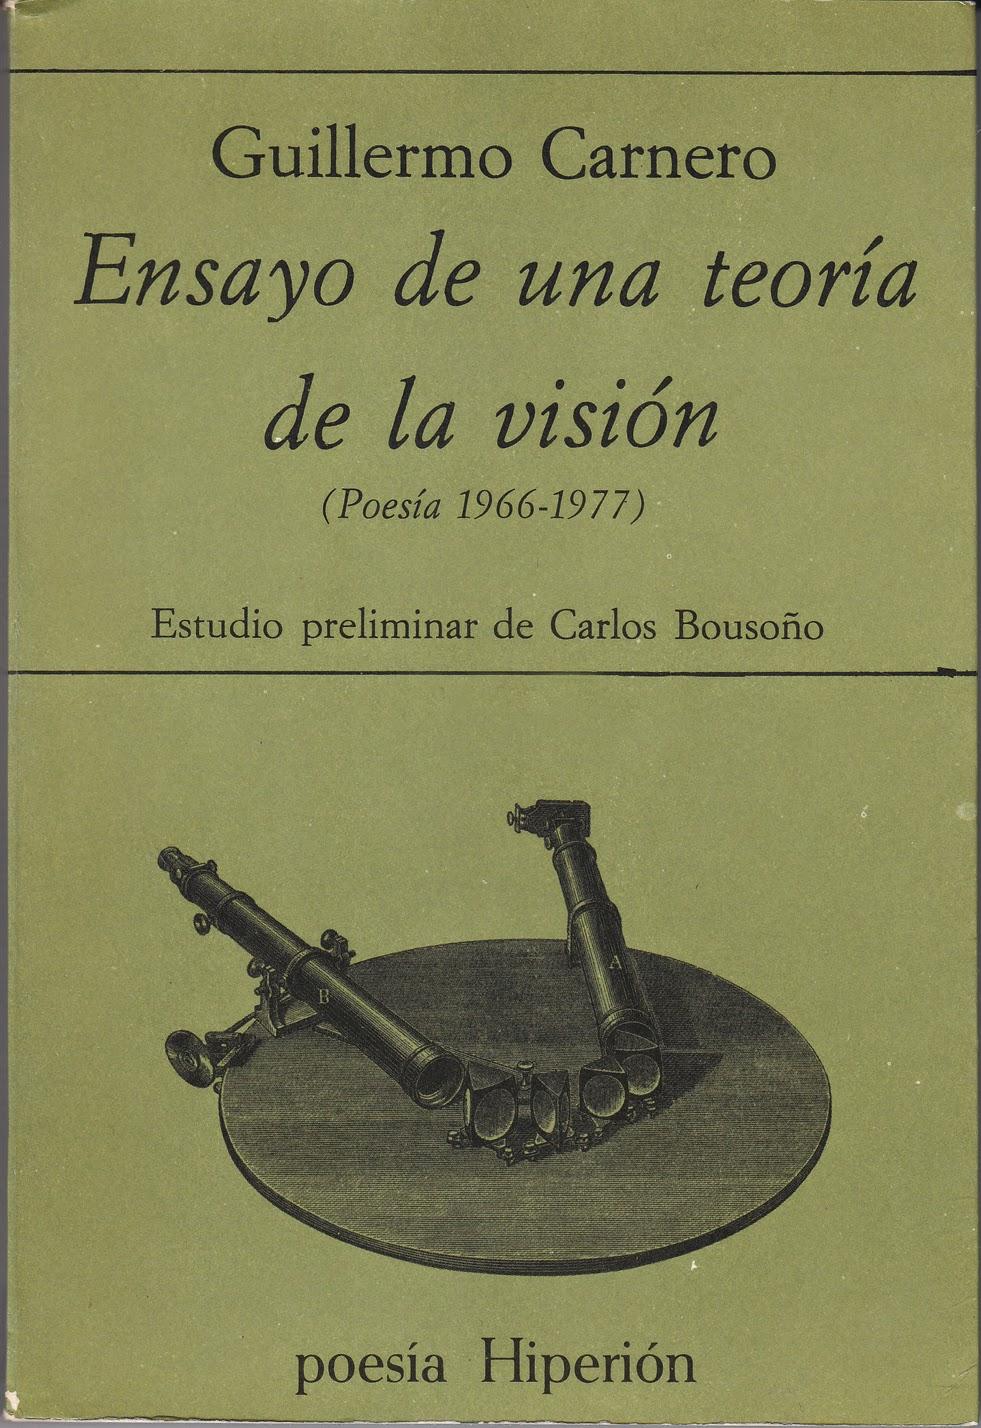 http://www.cervantesvirtual.com/portales/guillermo_carnero/